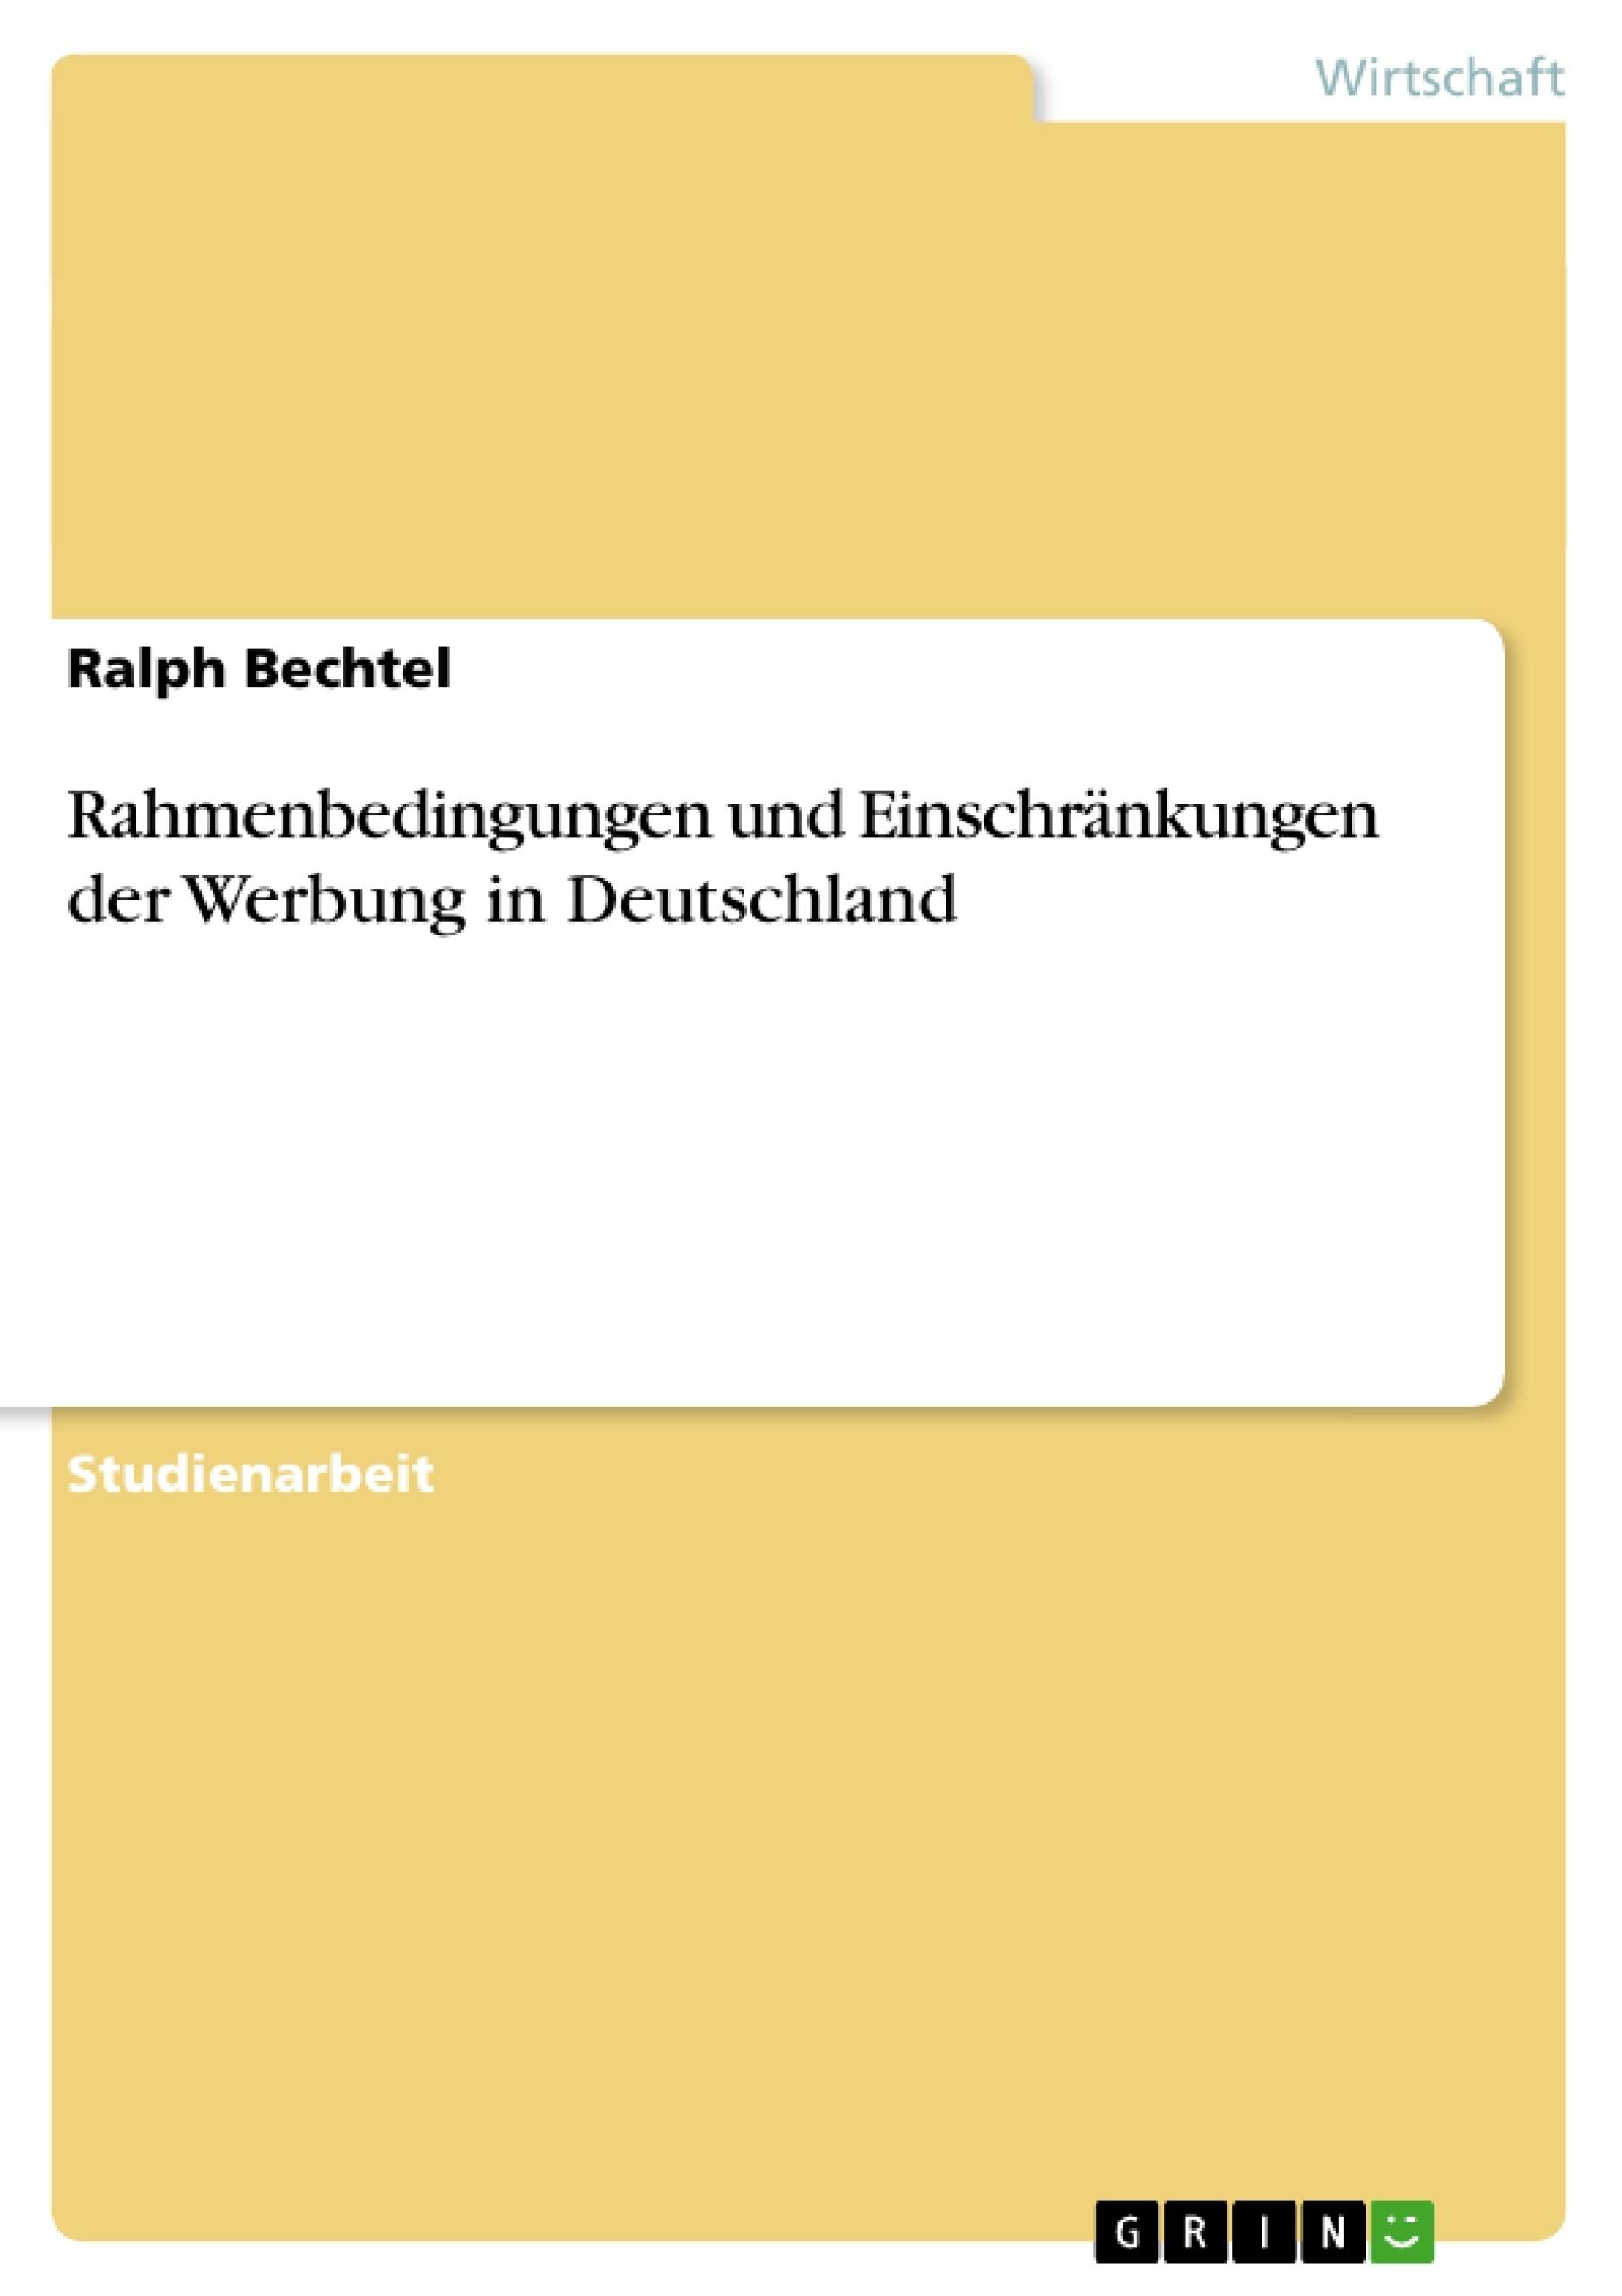 Titel: Rahmenbedingungen und Einschränkungen der Werbung in Deutschland